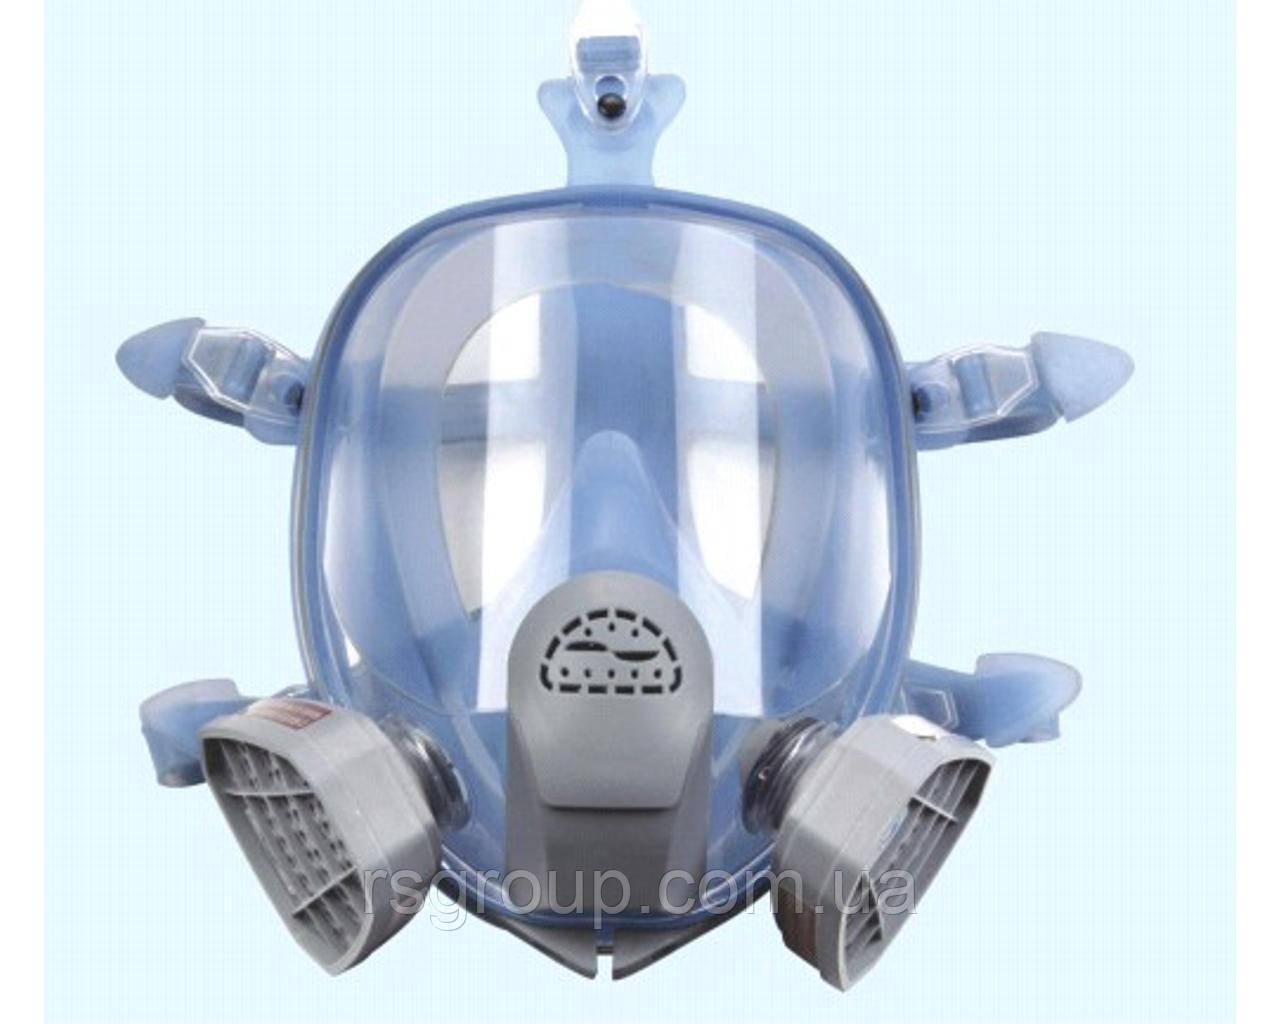 Полнолицевая маска Химик-3  под байонет в силиконовой оправе (аналог 3М 6700, 3М 6800 3M 6900)